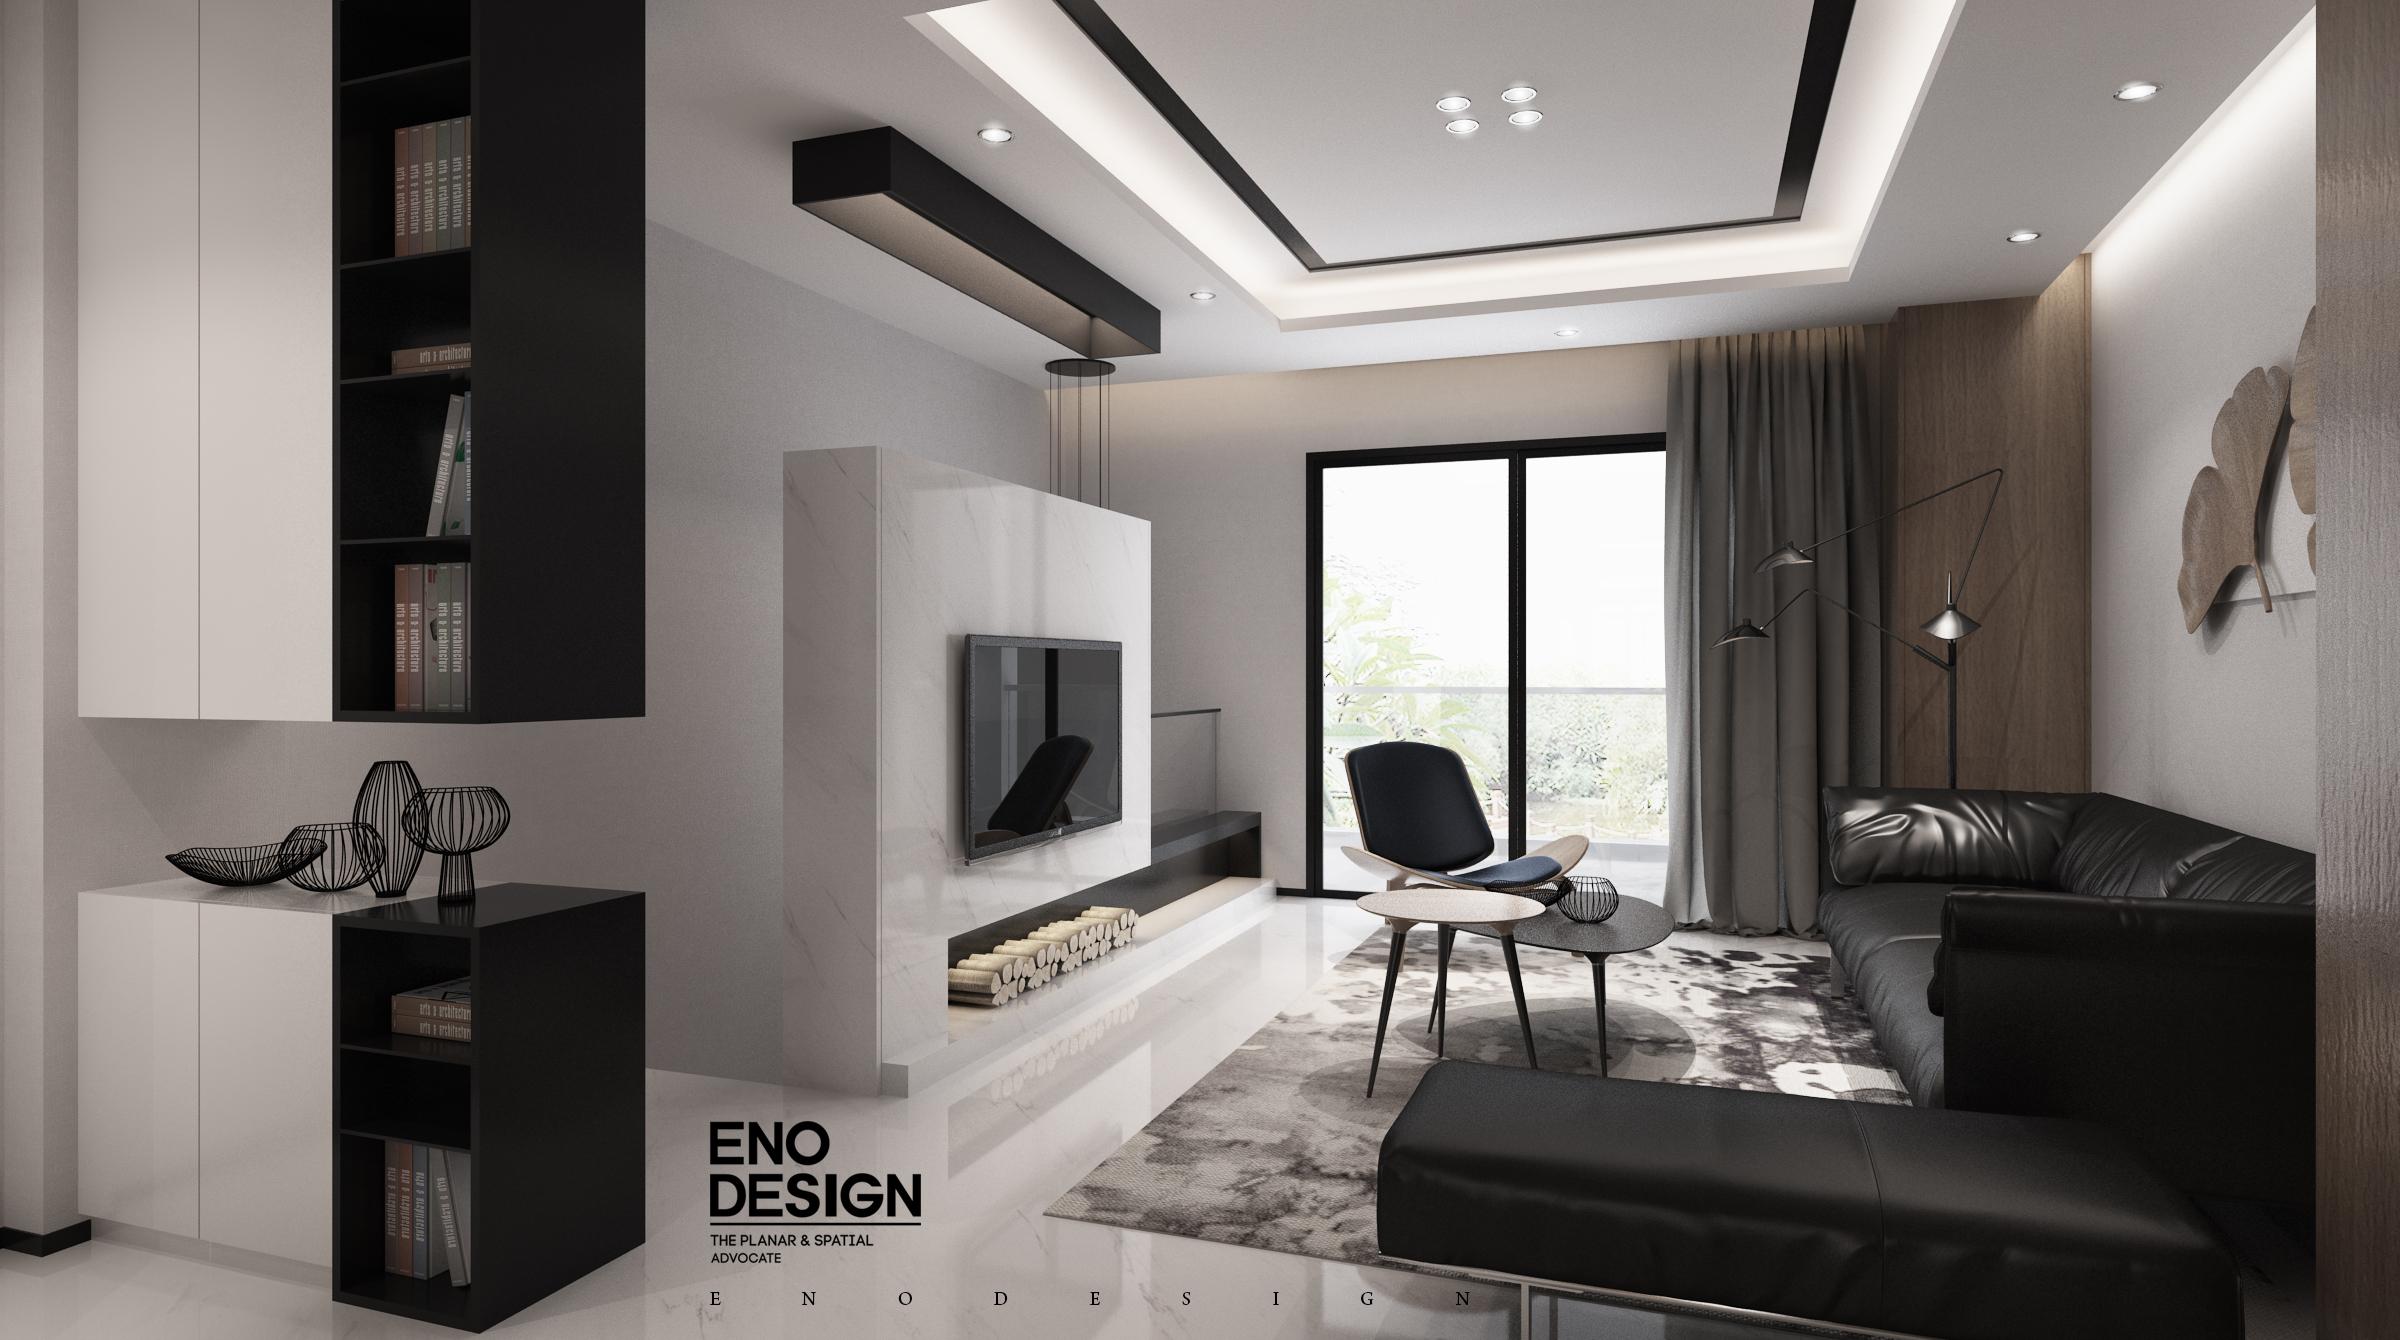 黑白灰有黑白灰的格調-室內設計-空間-設計作品-中國